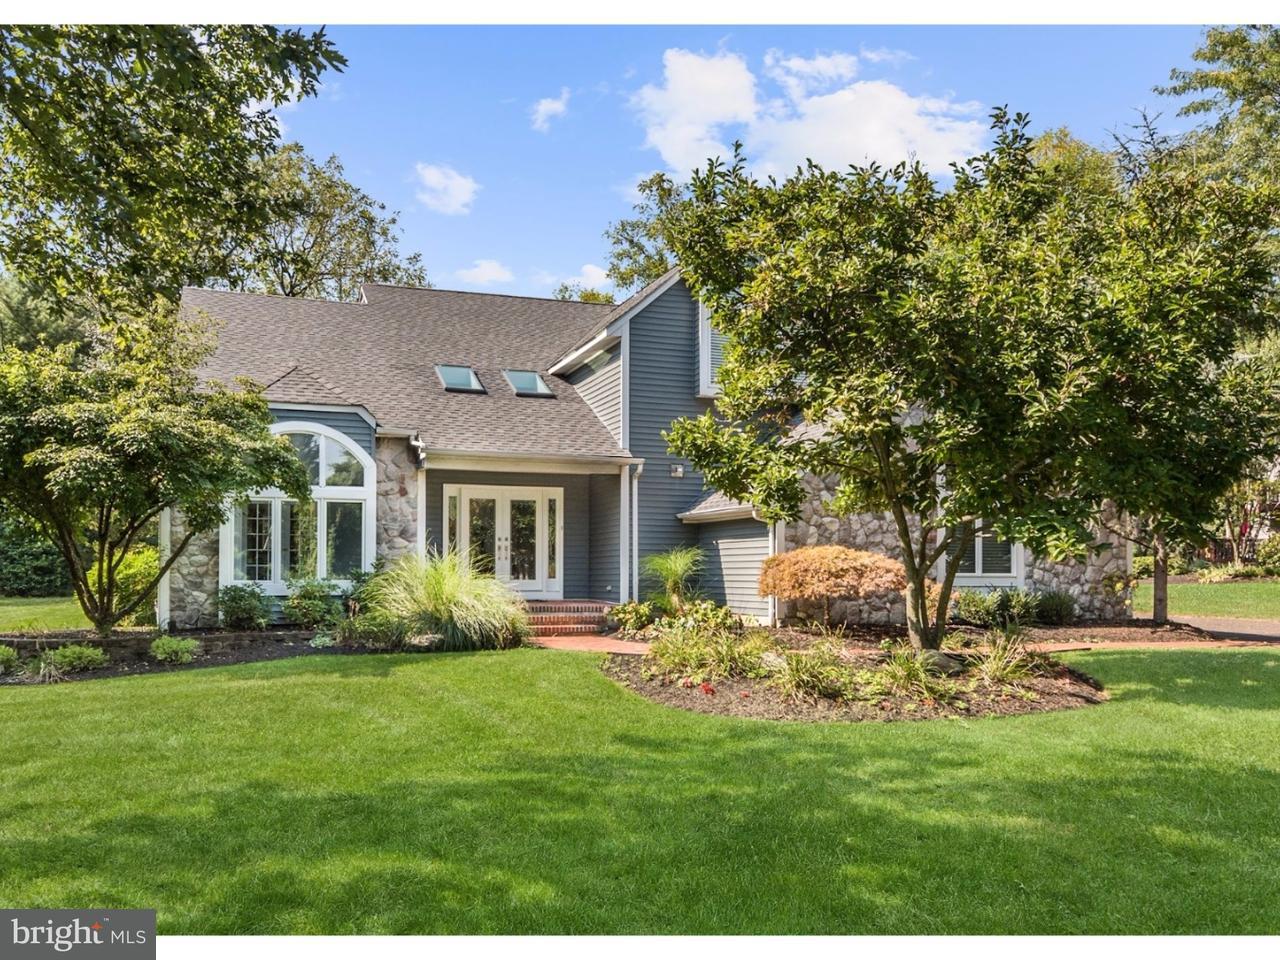 Maison unifamiliale pour l Vente à 703 TAIT Lane Cinnaminson, New Jersey 08077 États-Unis